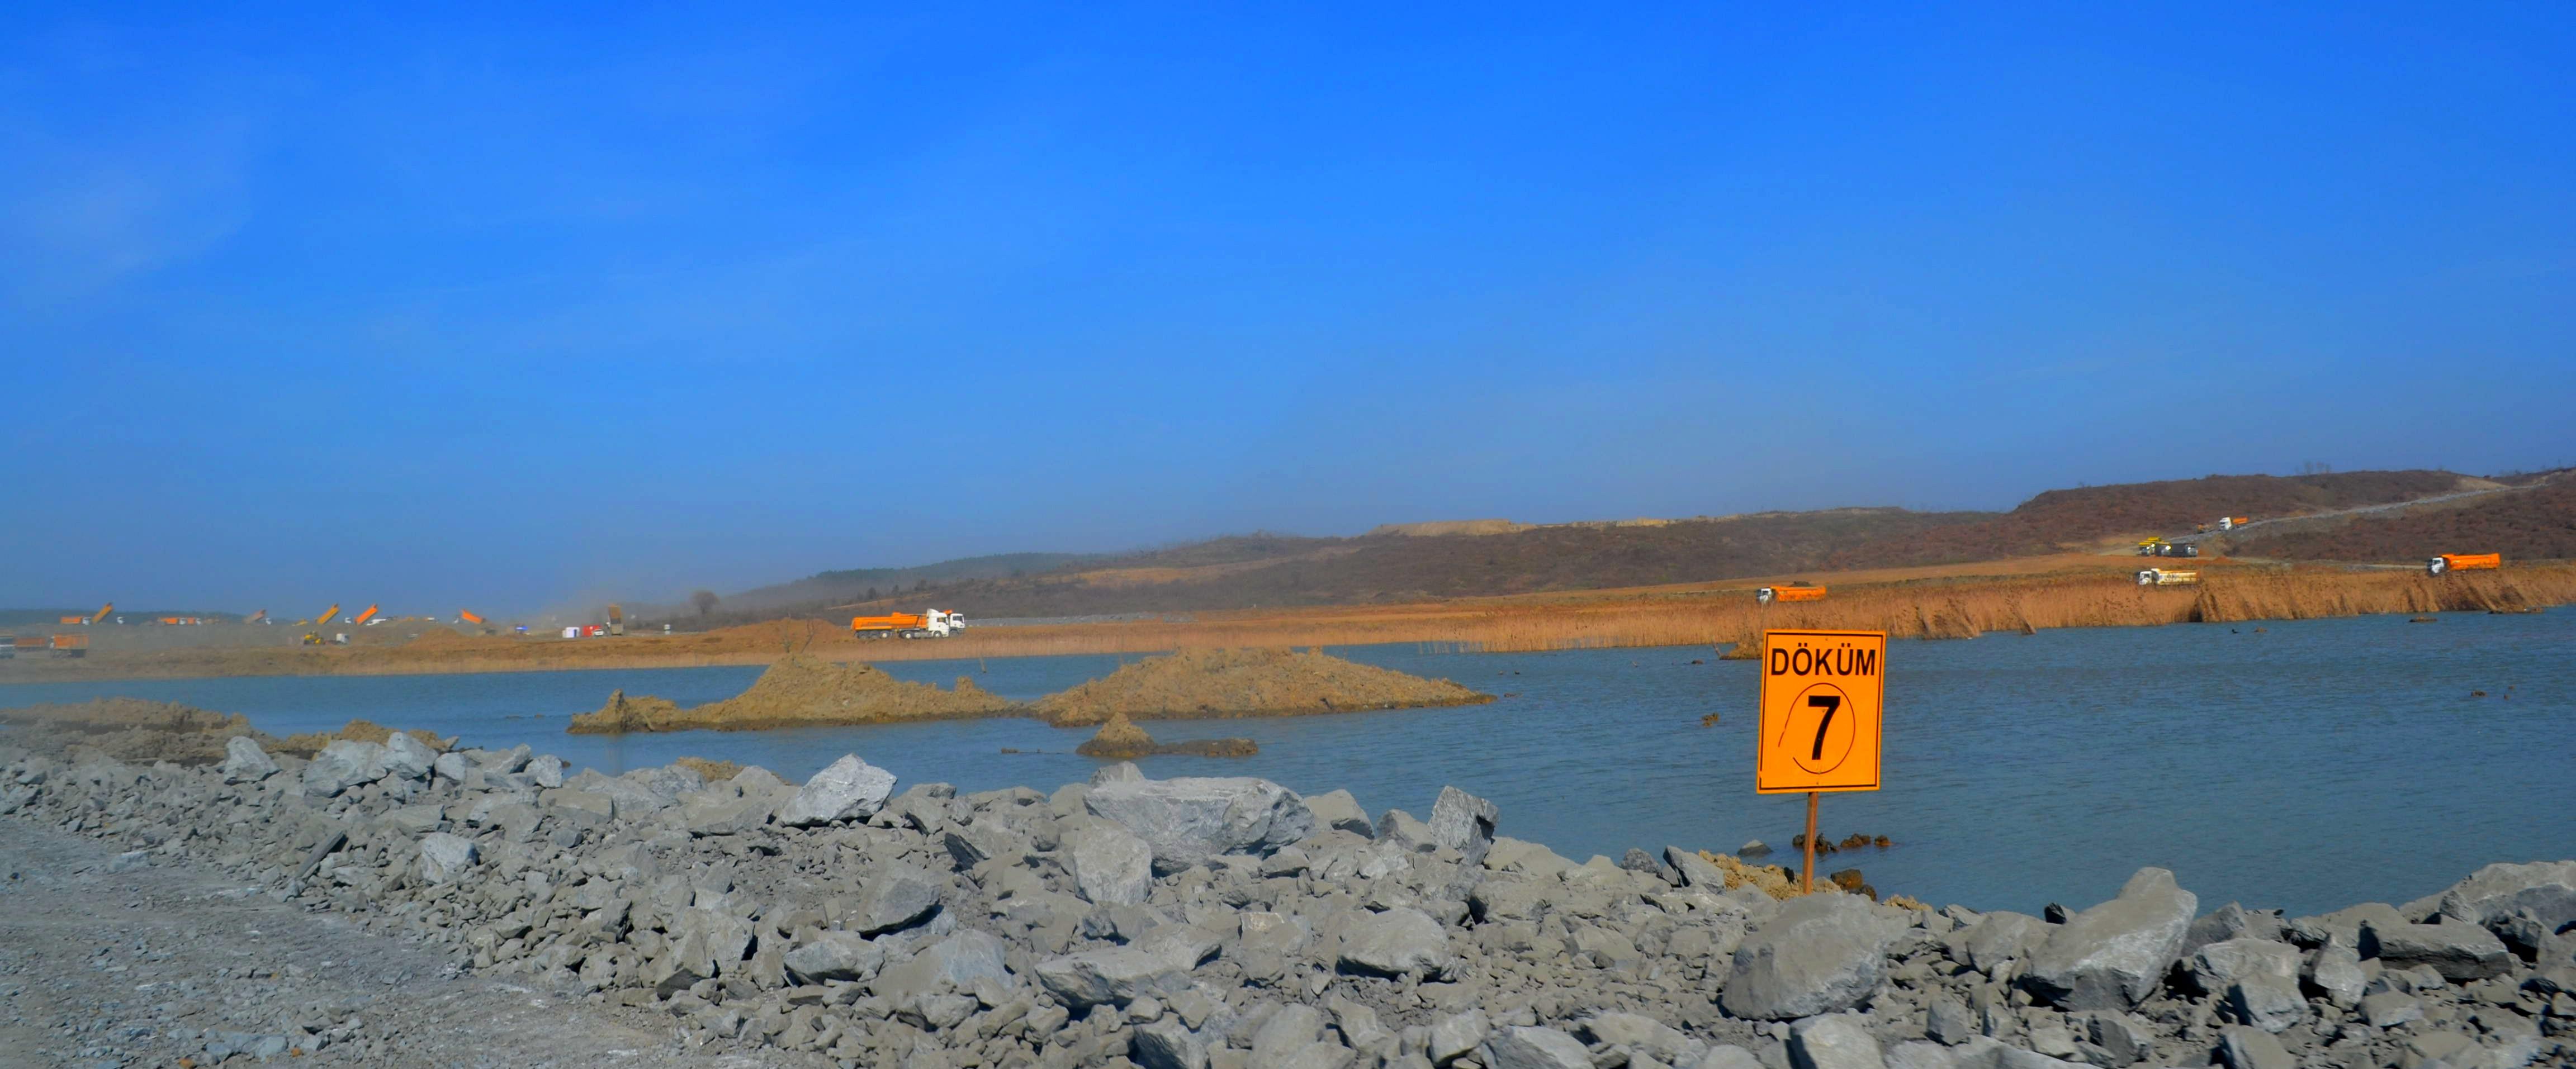 """İstanbul'un su ve nefes kaynakları inşaat ağaları tarafından yok edilirken Orman ve Su İşleri Bakanı vatandaşı uyarıyor: """"Suyu boşa akıtma"""""""